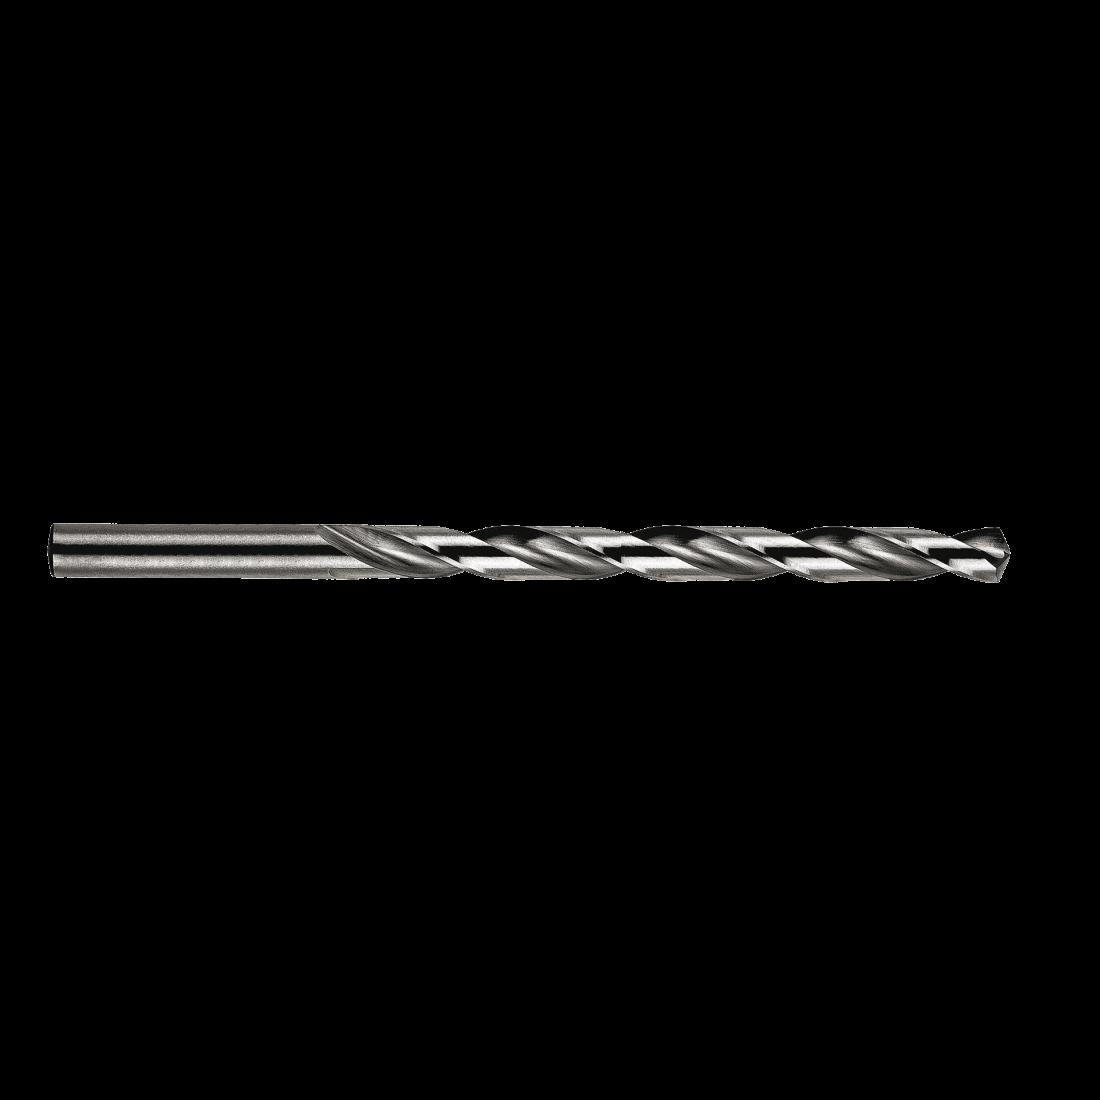 Сверлo по металлу Heller HSS-G Super DIN 340 сверхдлиннoе 9,5х115х175мм (10шт)